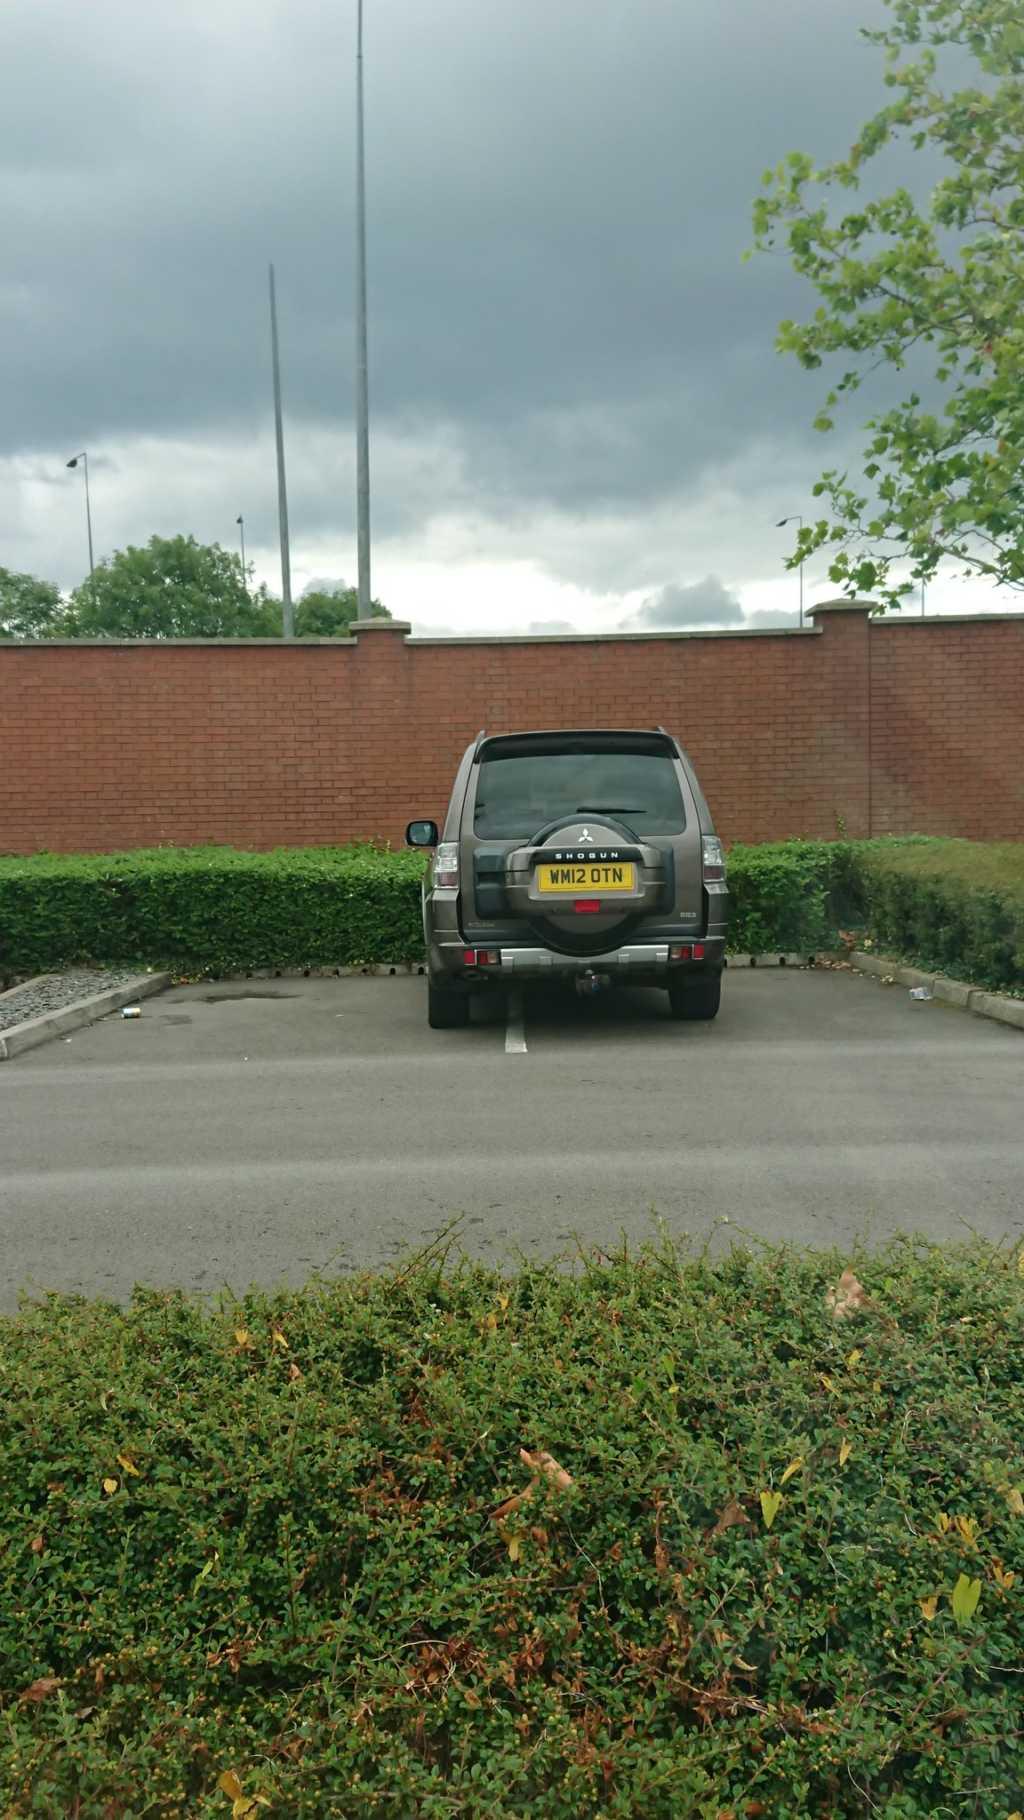 WM12 OTN displaying Selfish Parking